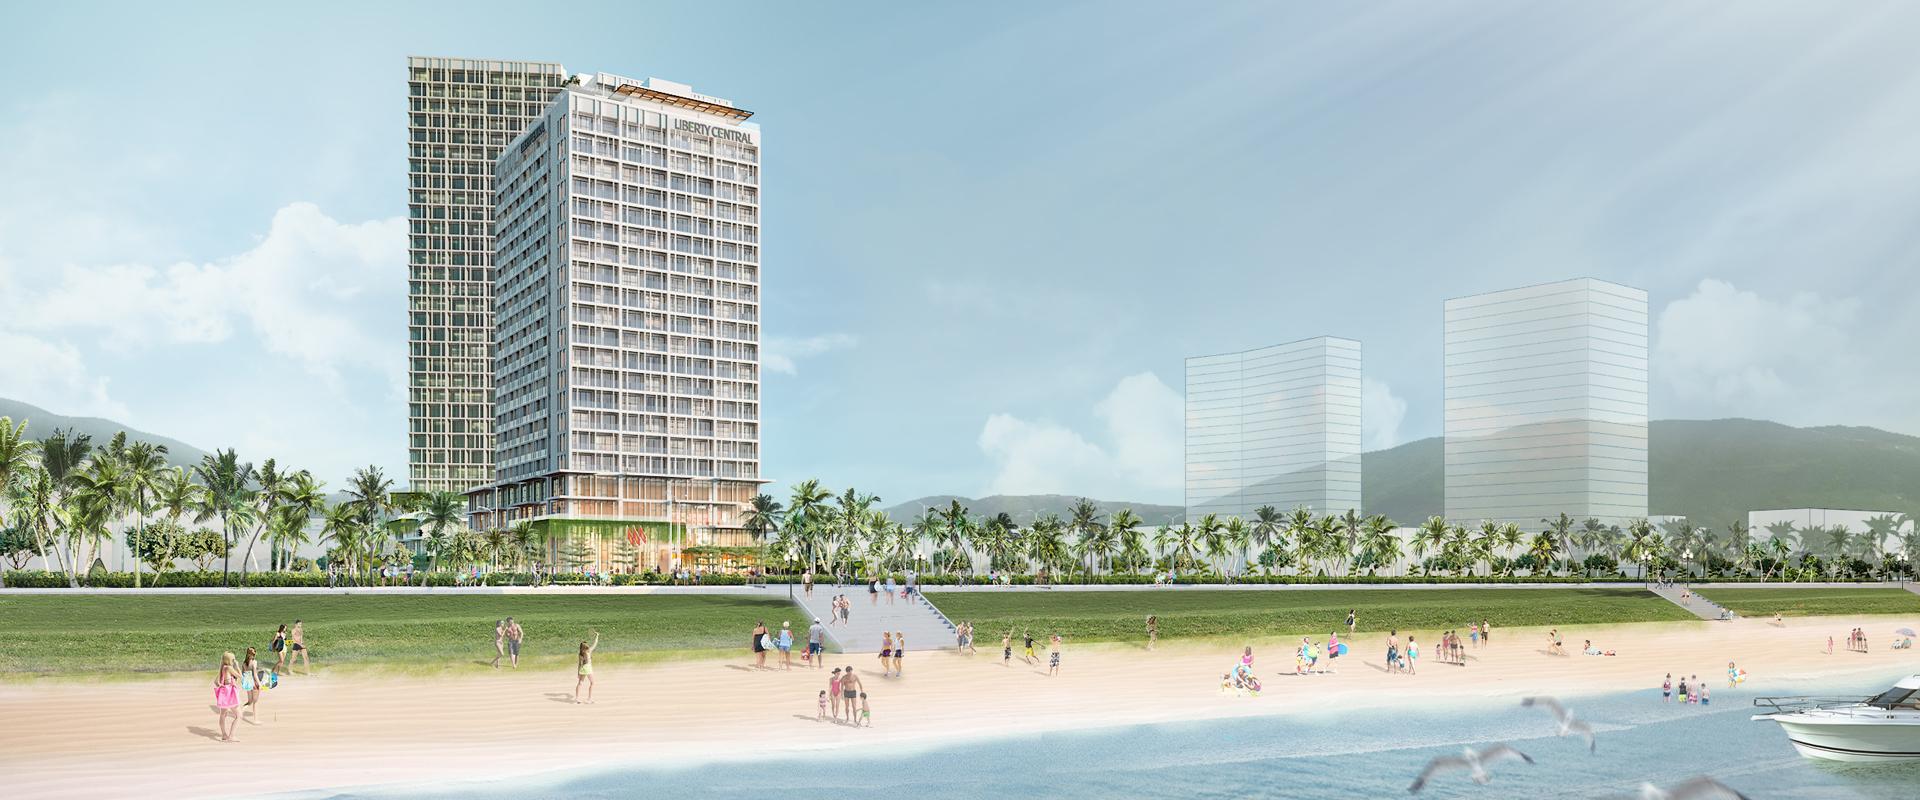 Phối cảnh tổng thể dự án khách sạn Liberty Central Quy Nhơn